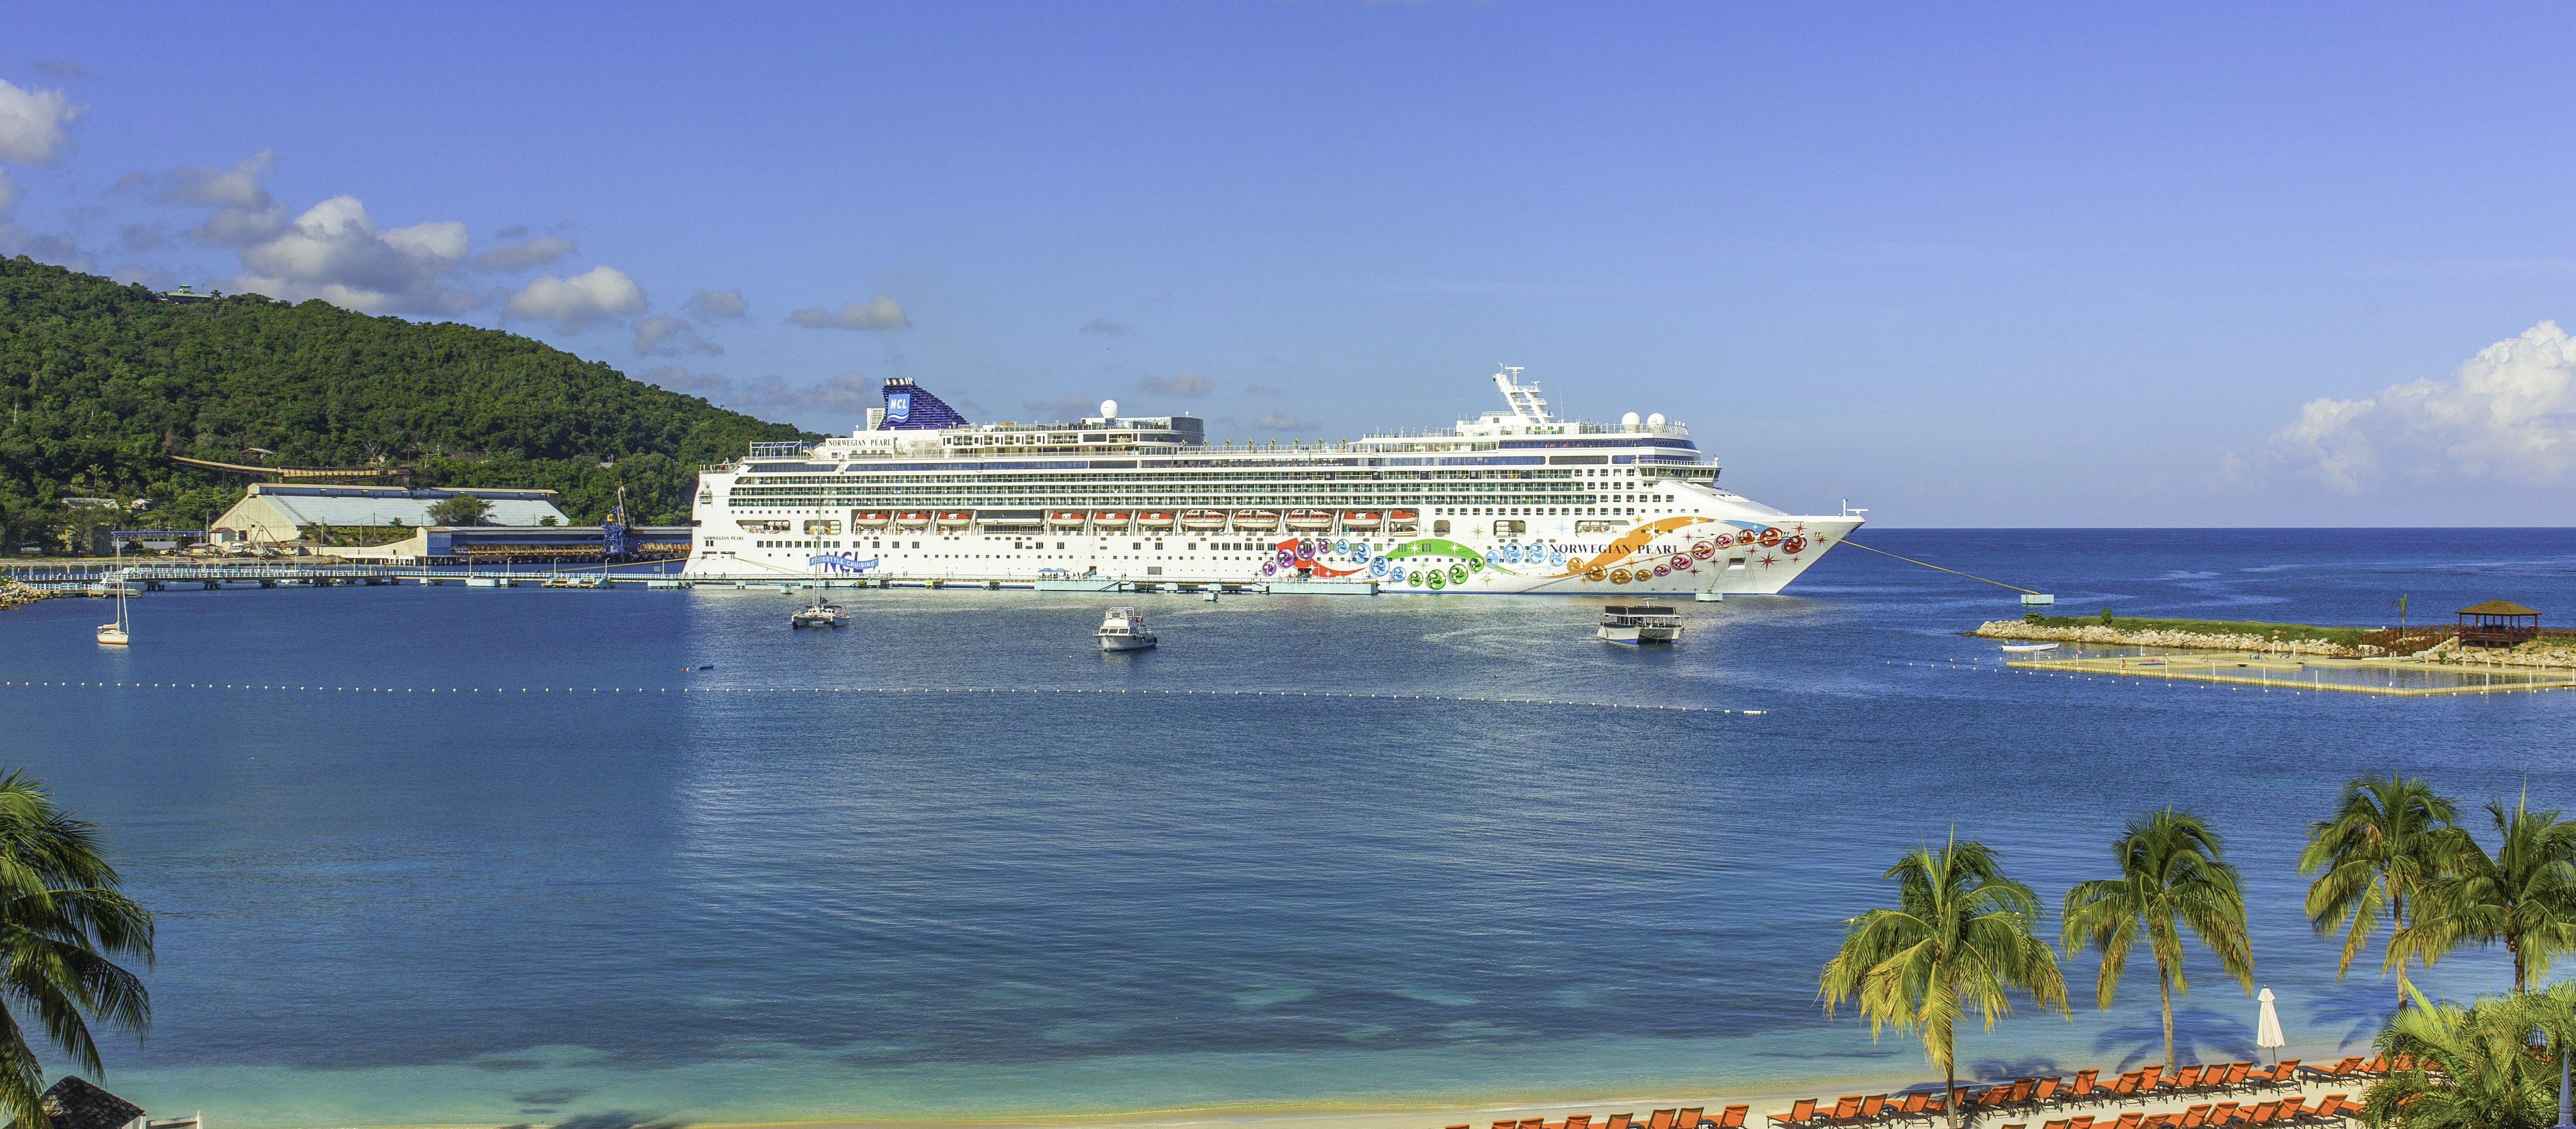 Die Norwegian Pearl von NCL am Hafen von Ocho Rios, Jamaika